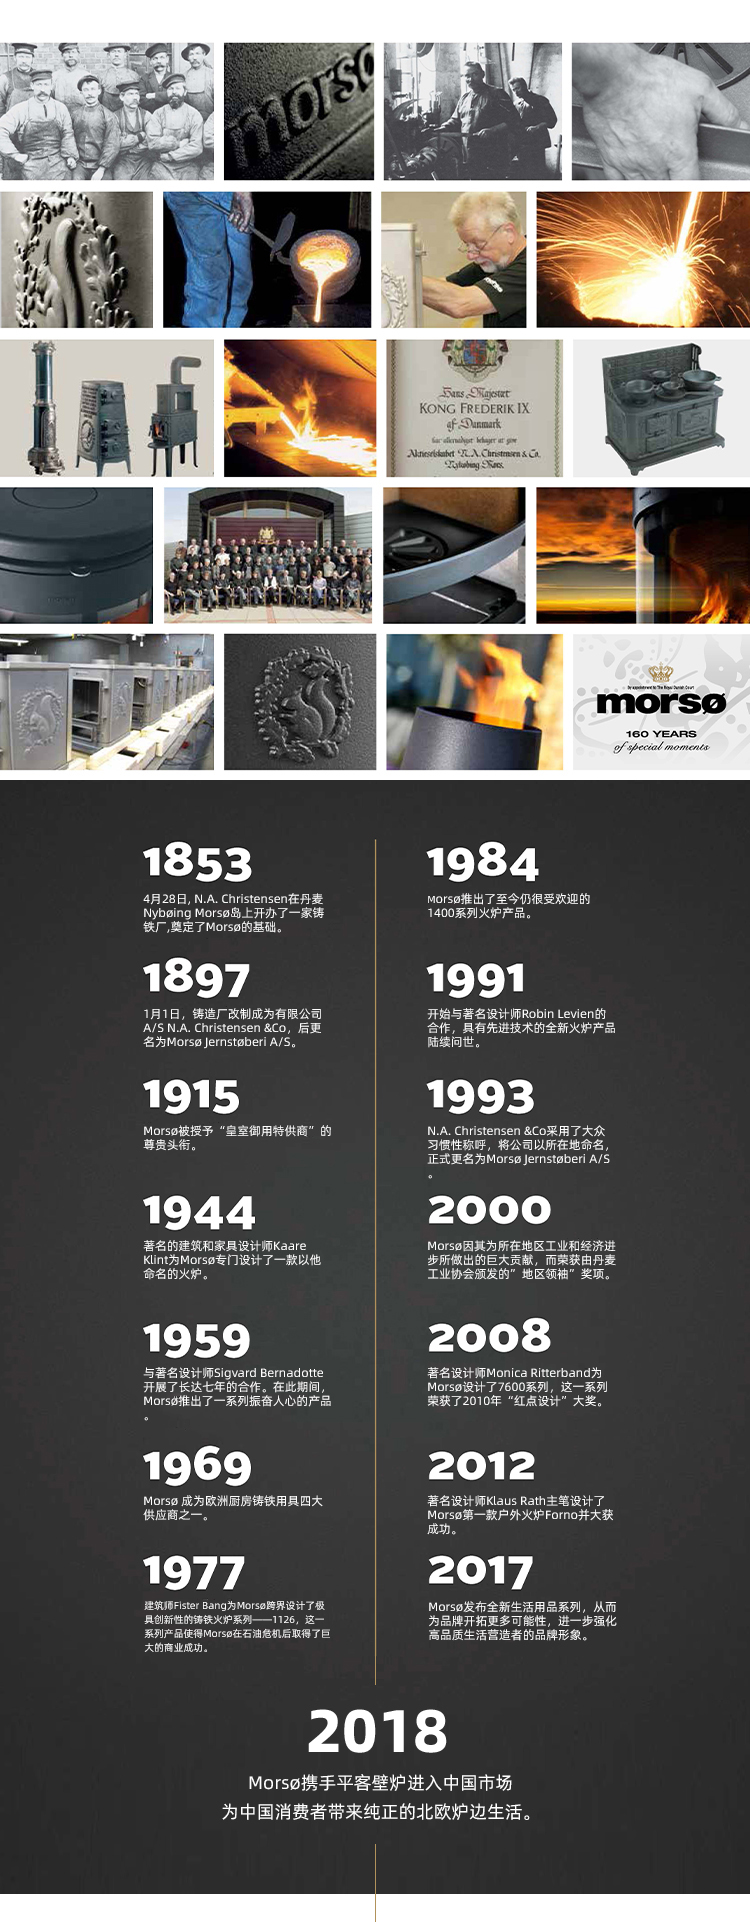 丹麦嵌入式钢板壁炉Morsø  S80-90.jpg